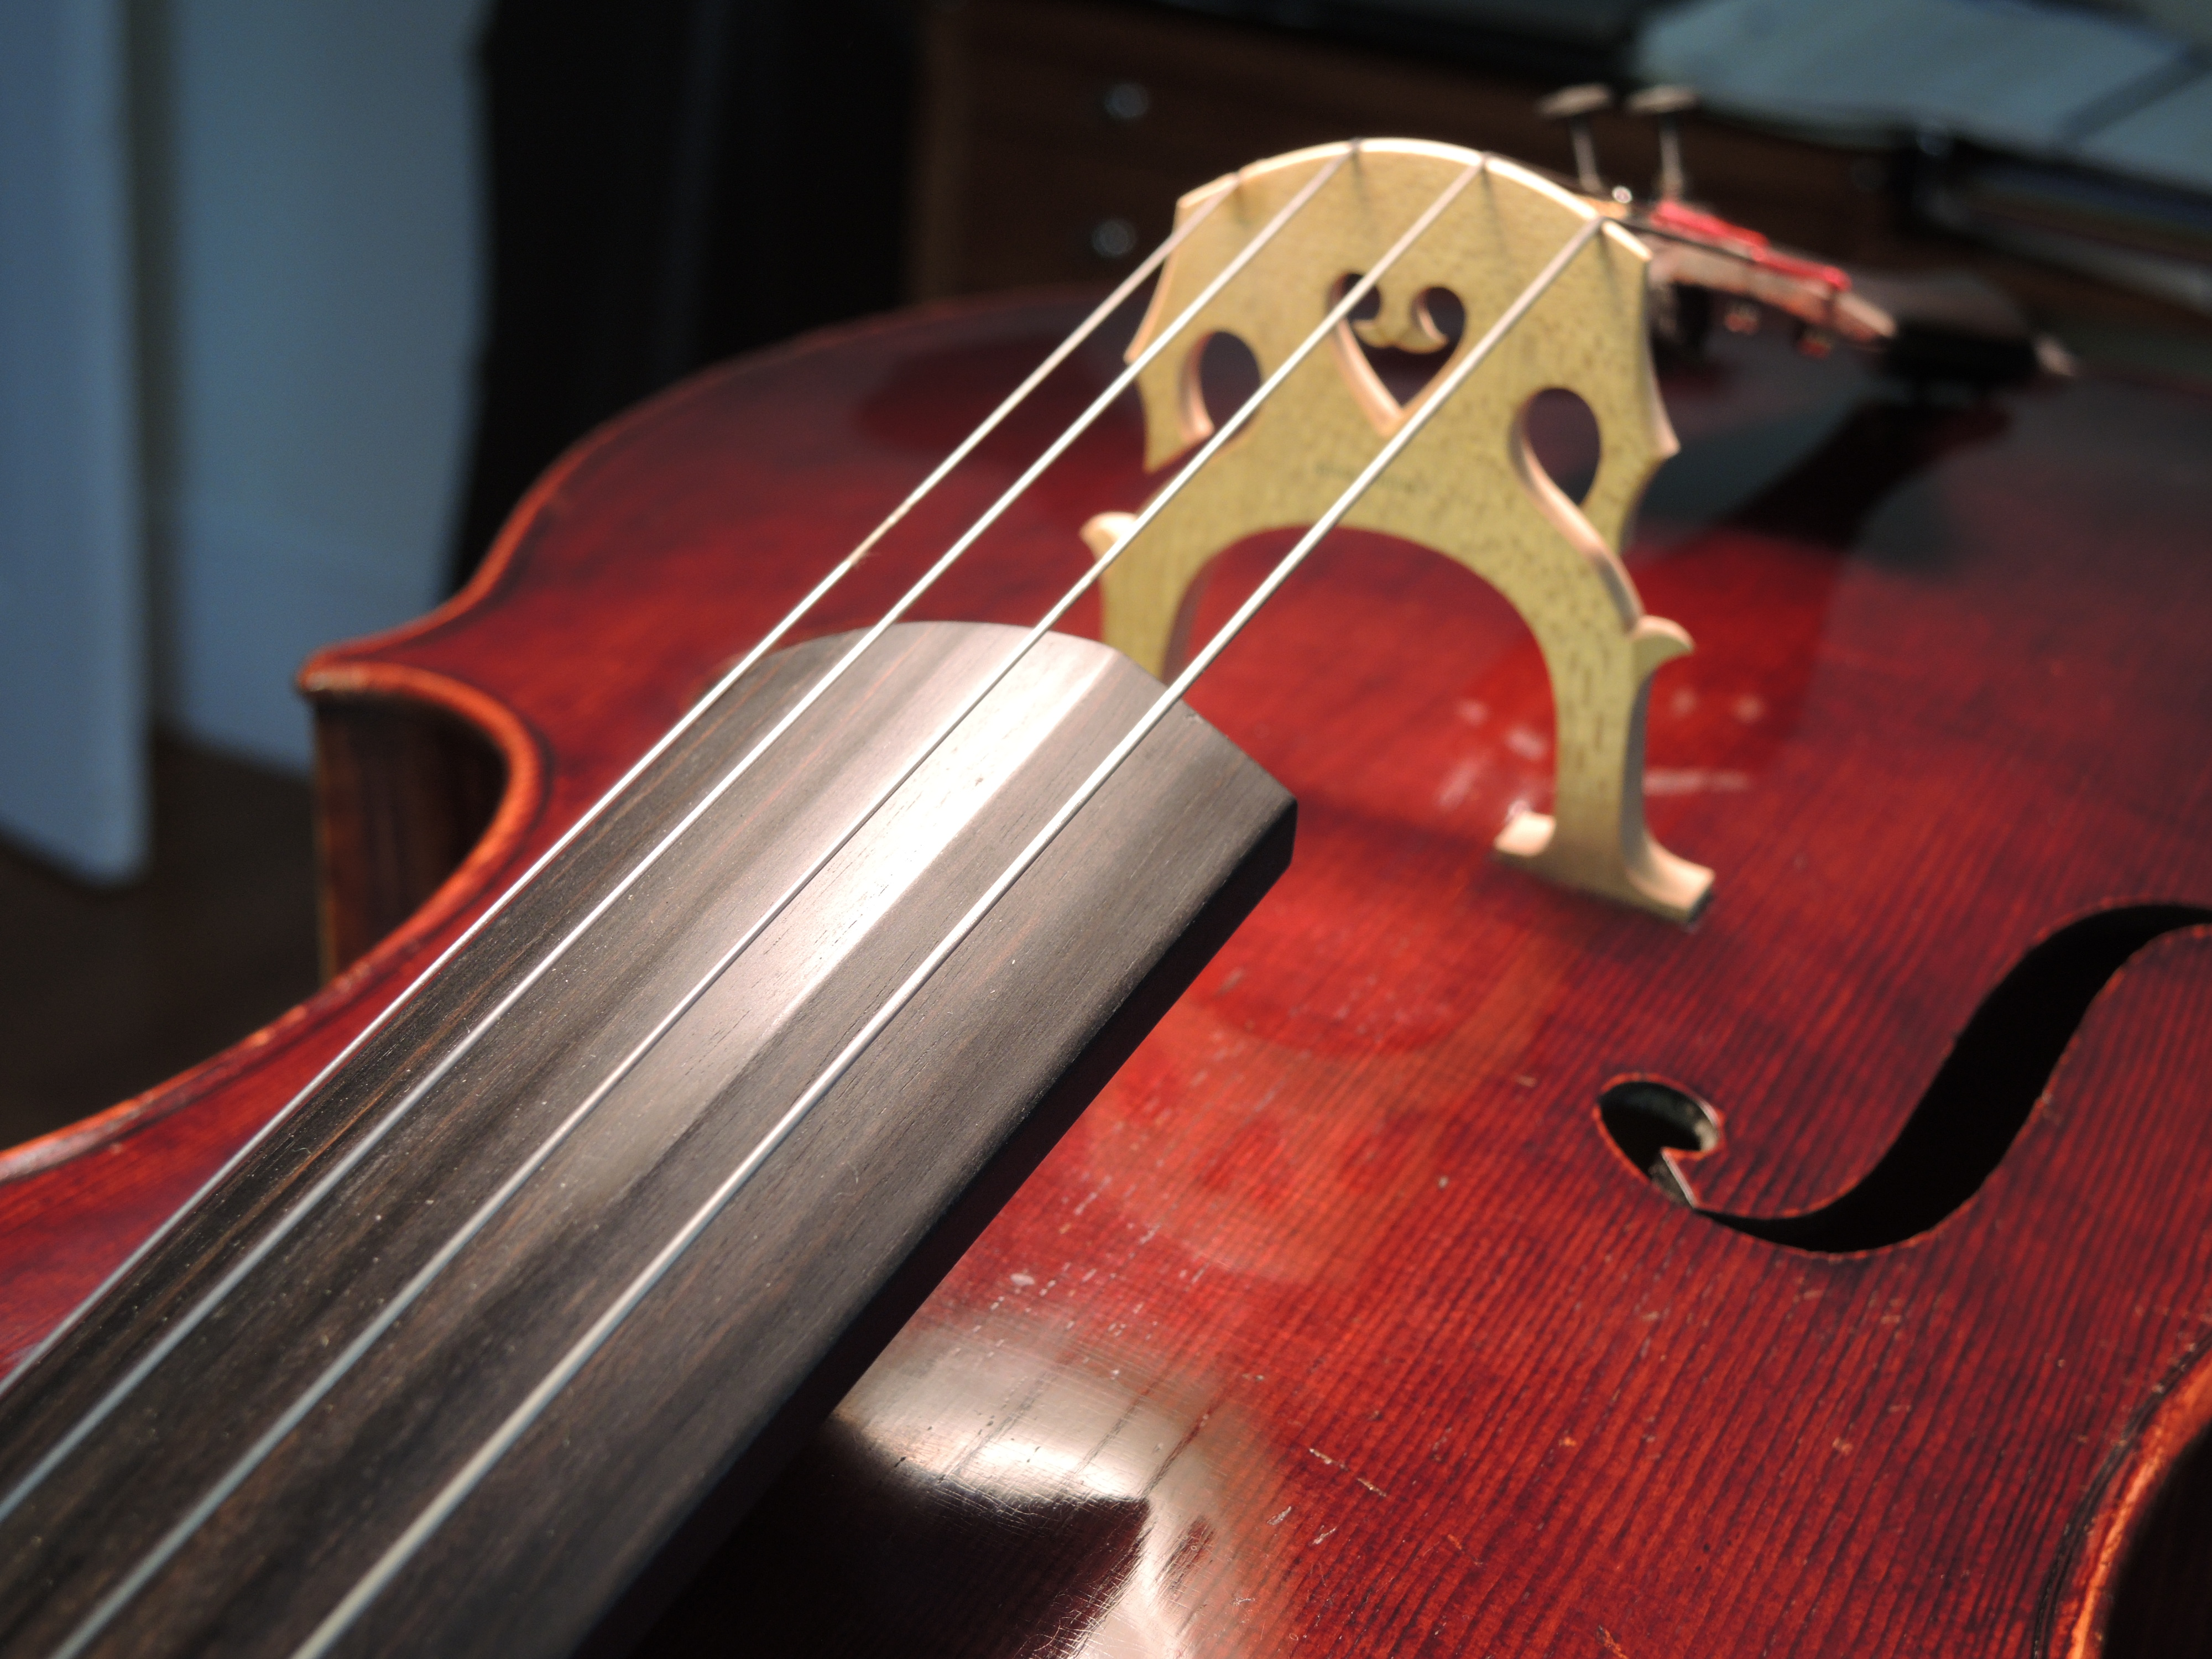 Old wood minerale interior of violin - Dscn0645